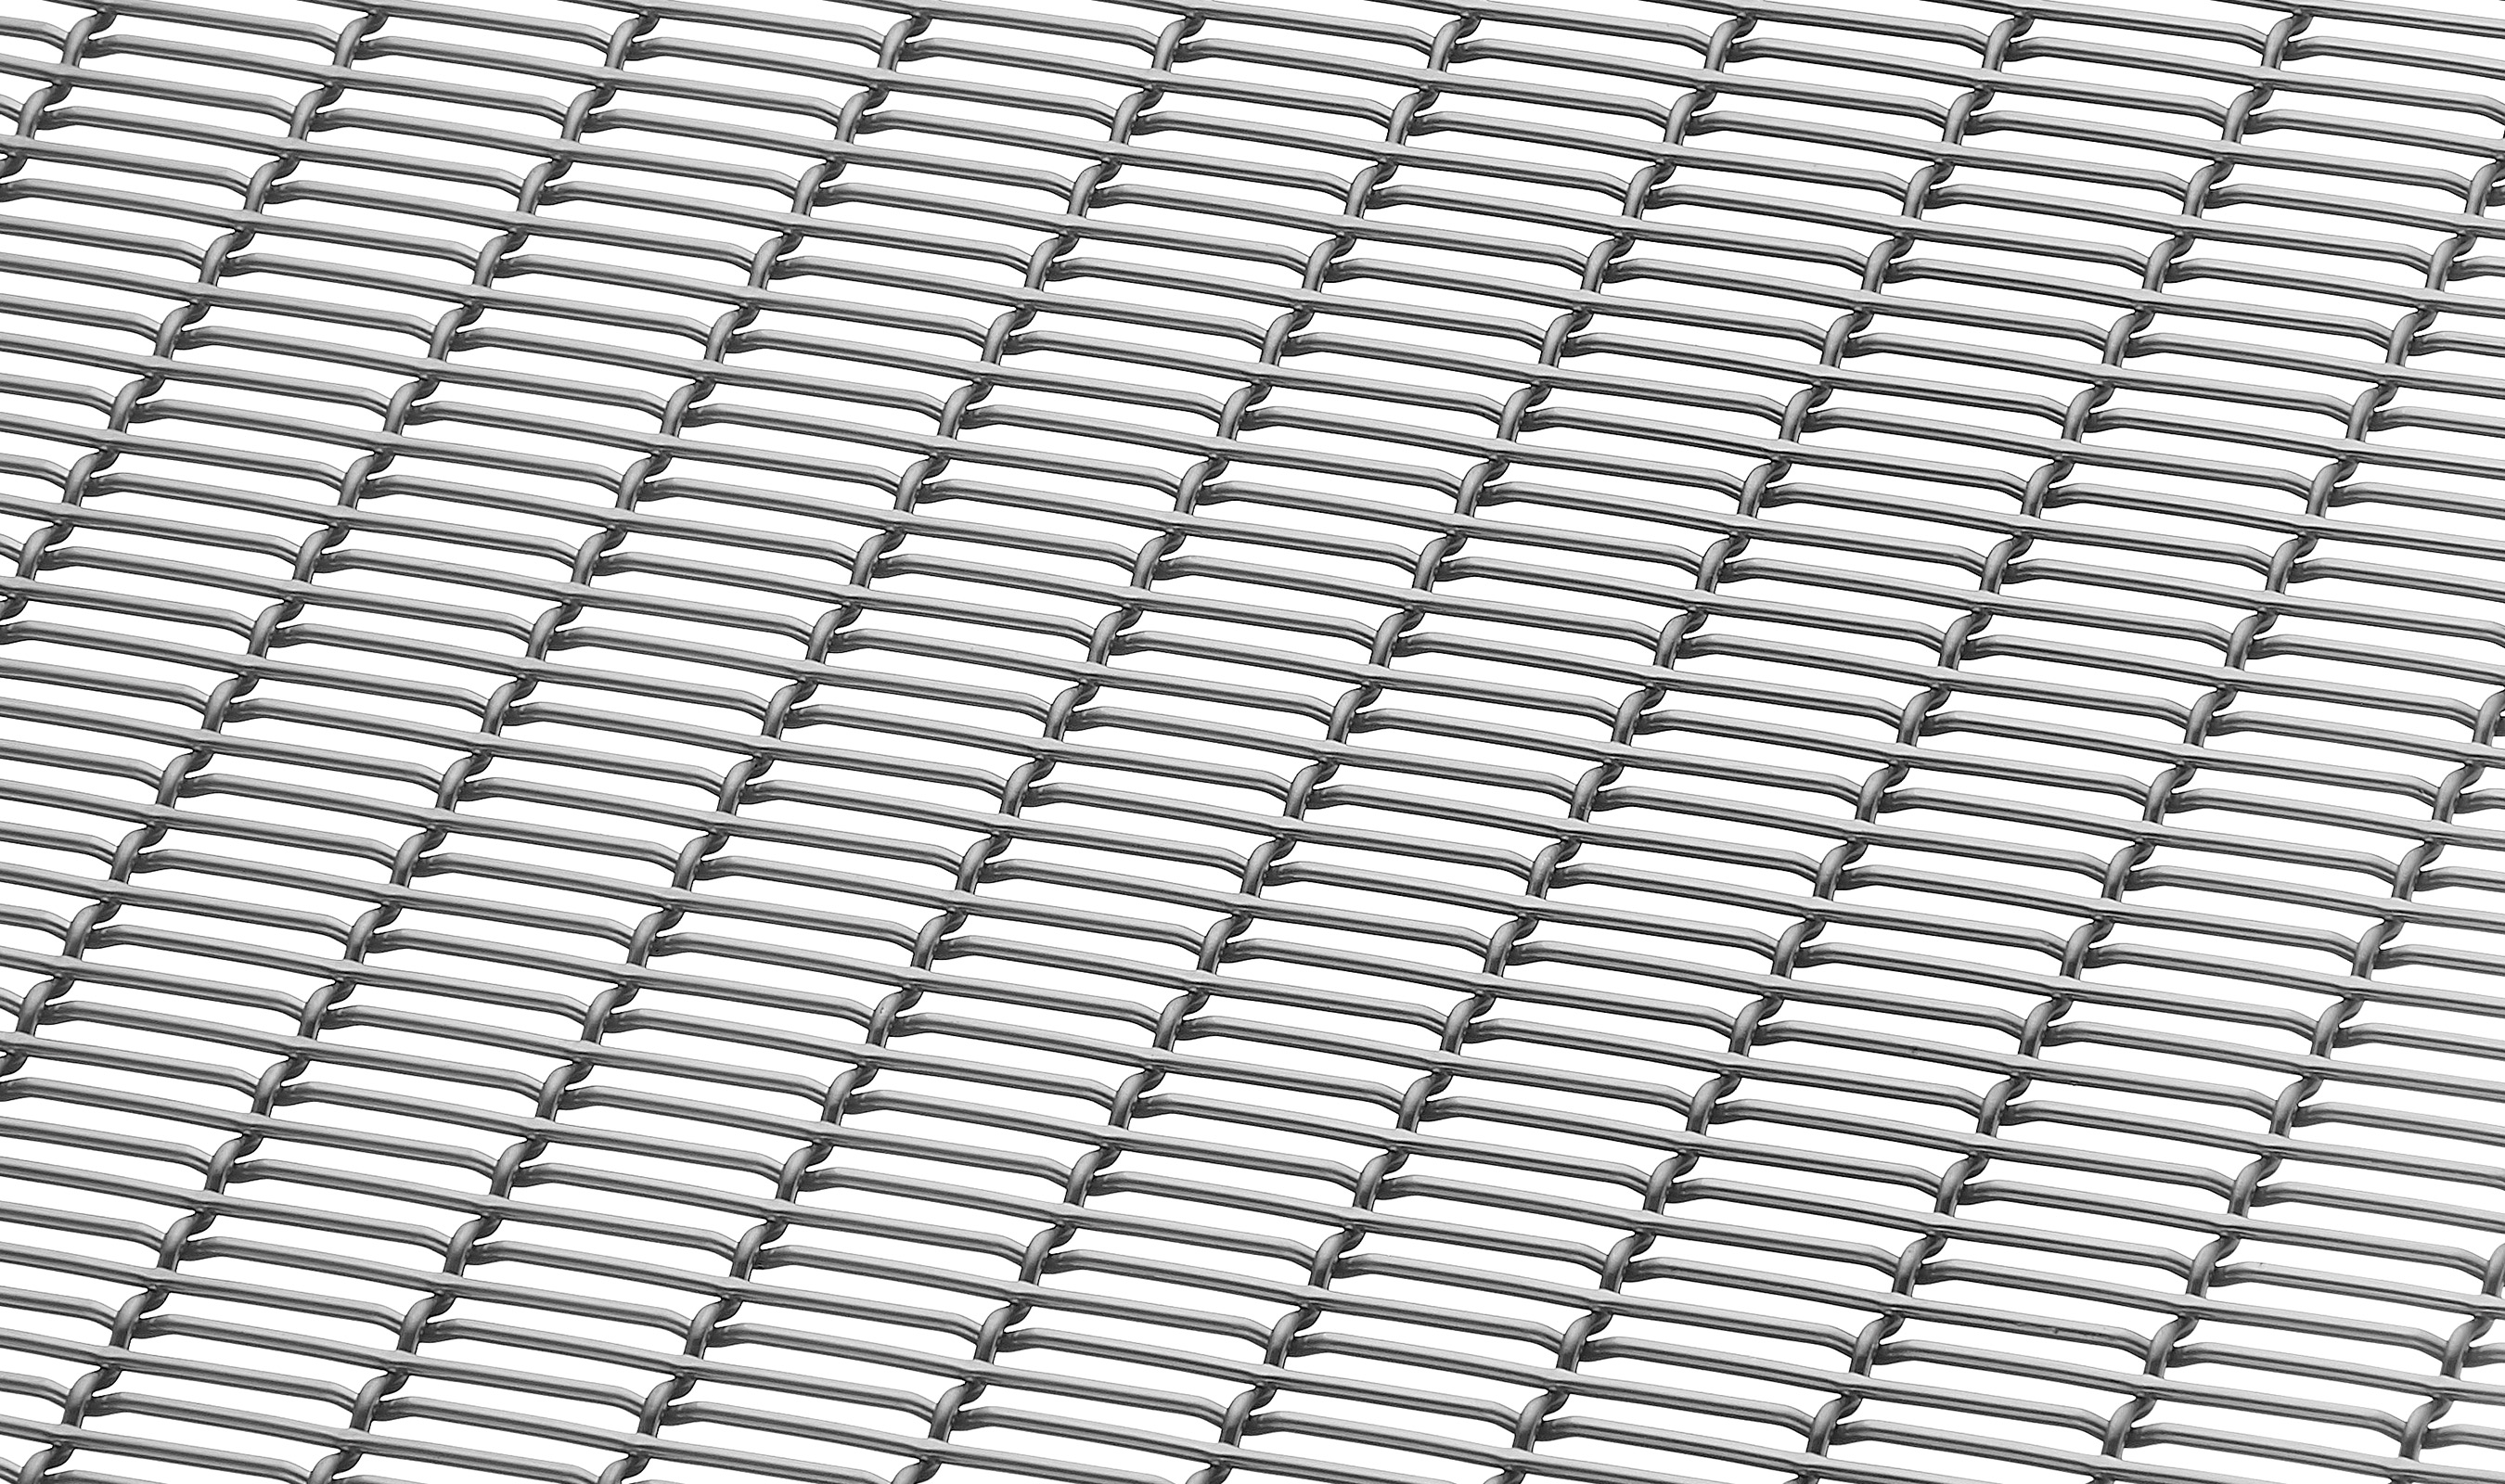 FPZ-31 Stainless Steel metal mesh